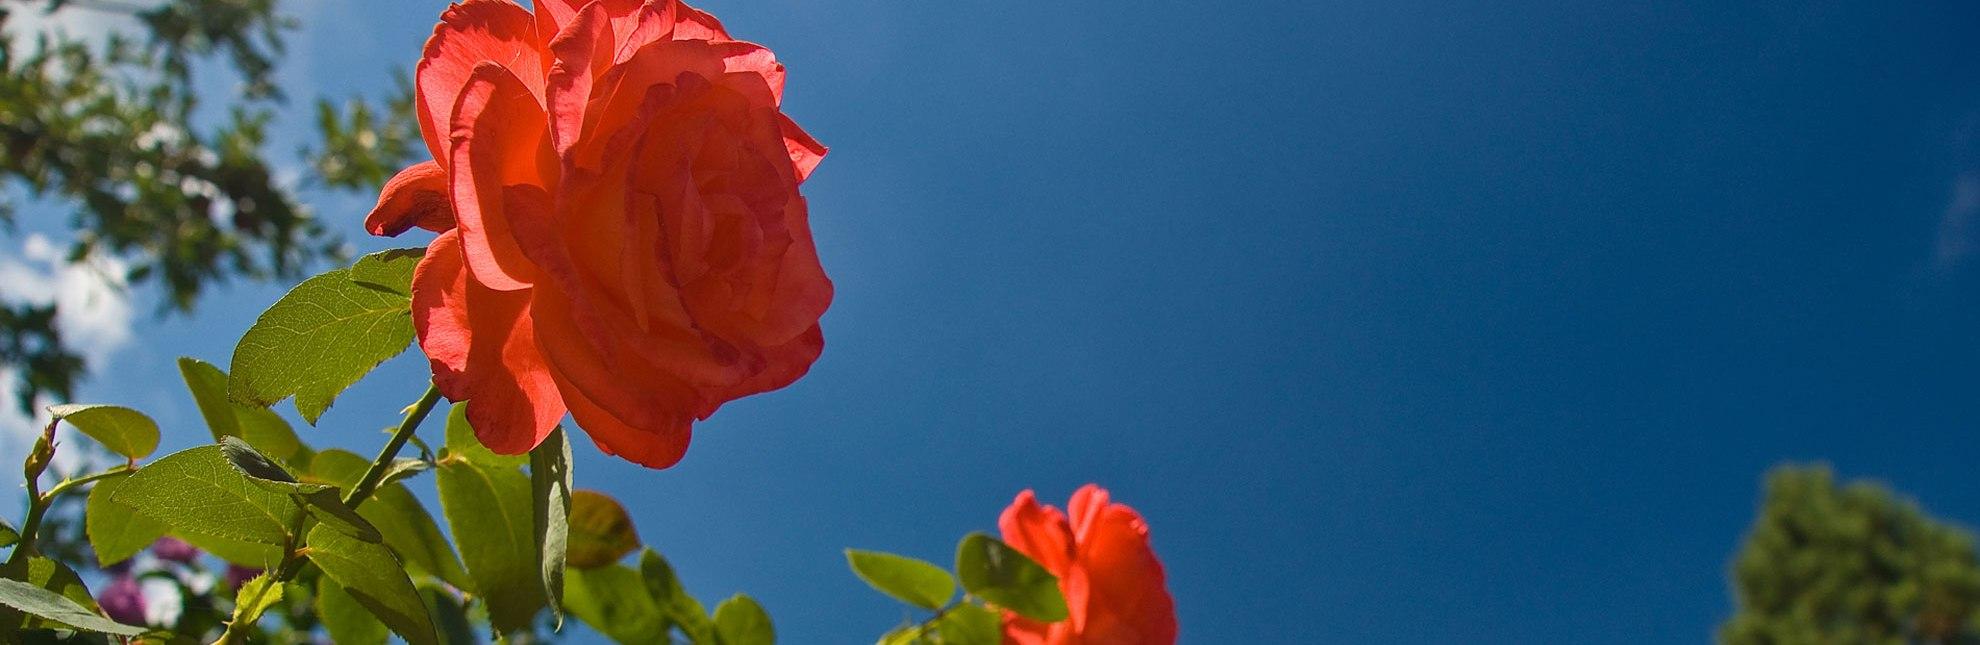 Rote Rosen, © Thomas Ebelt/ Mölln